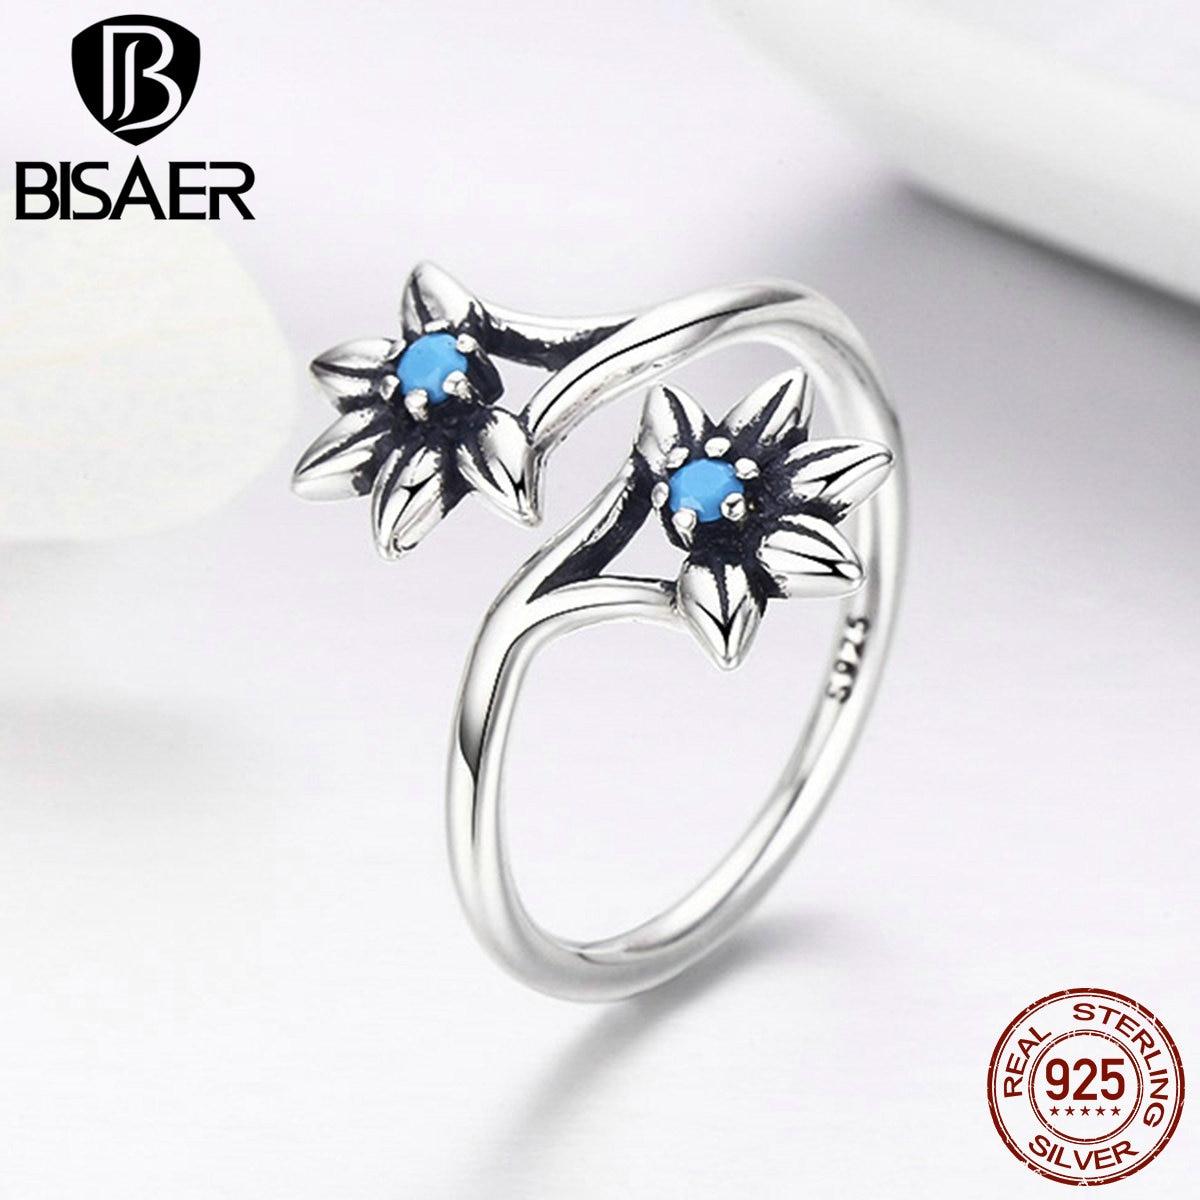 100% 925 Sterling Silber Blau Cz, Daisy Blühende Open Finger Ringe Für Frauen Mädchen Mode-ring Schmuck Engagement Geschenk